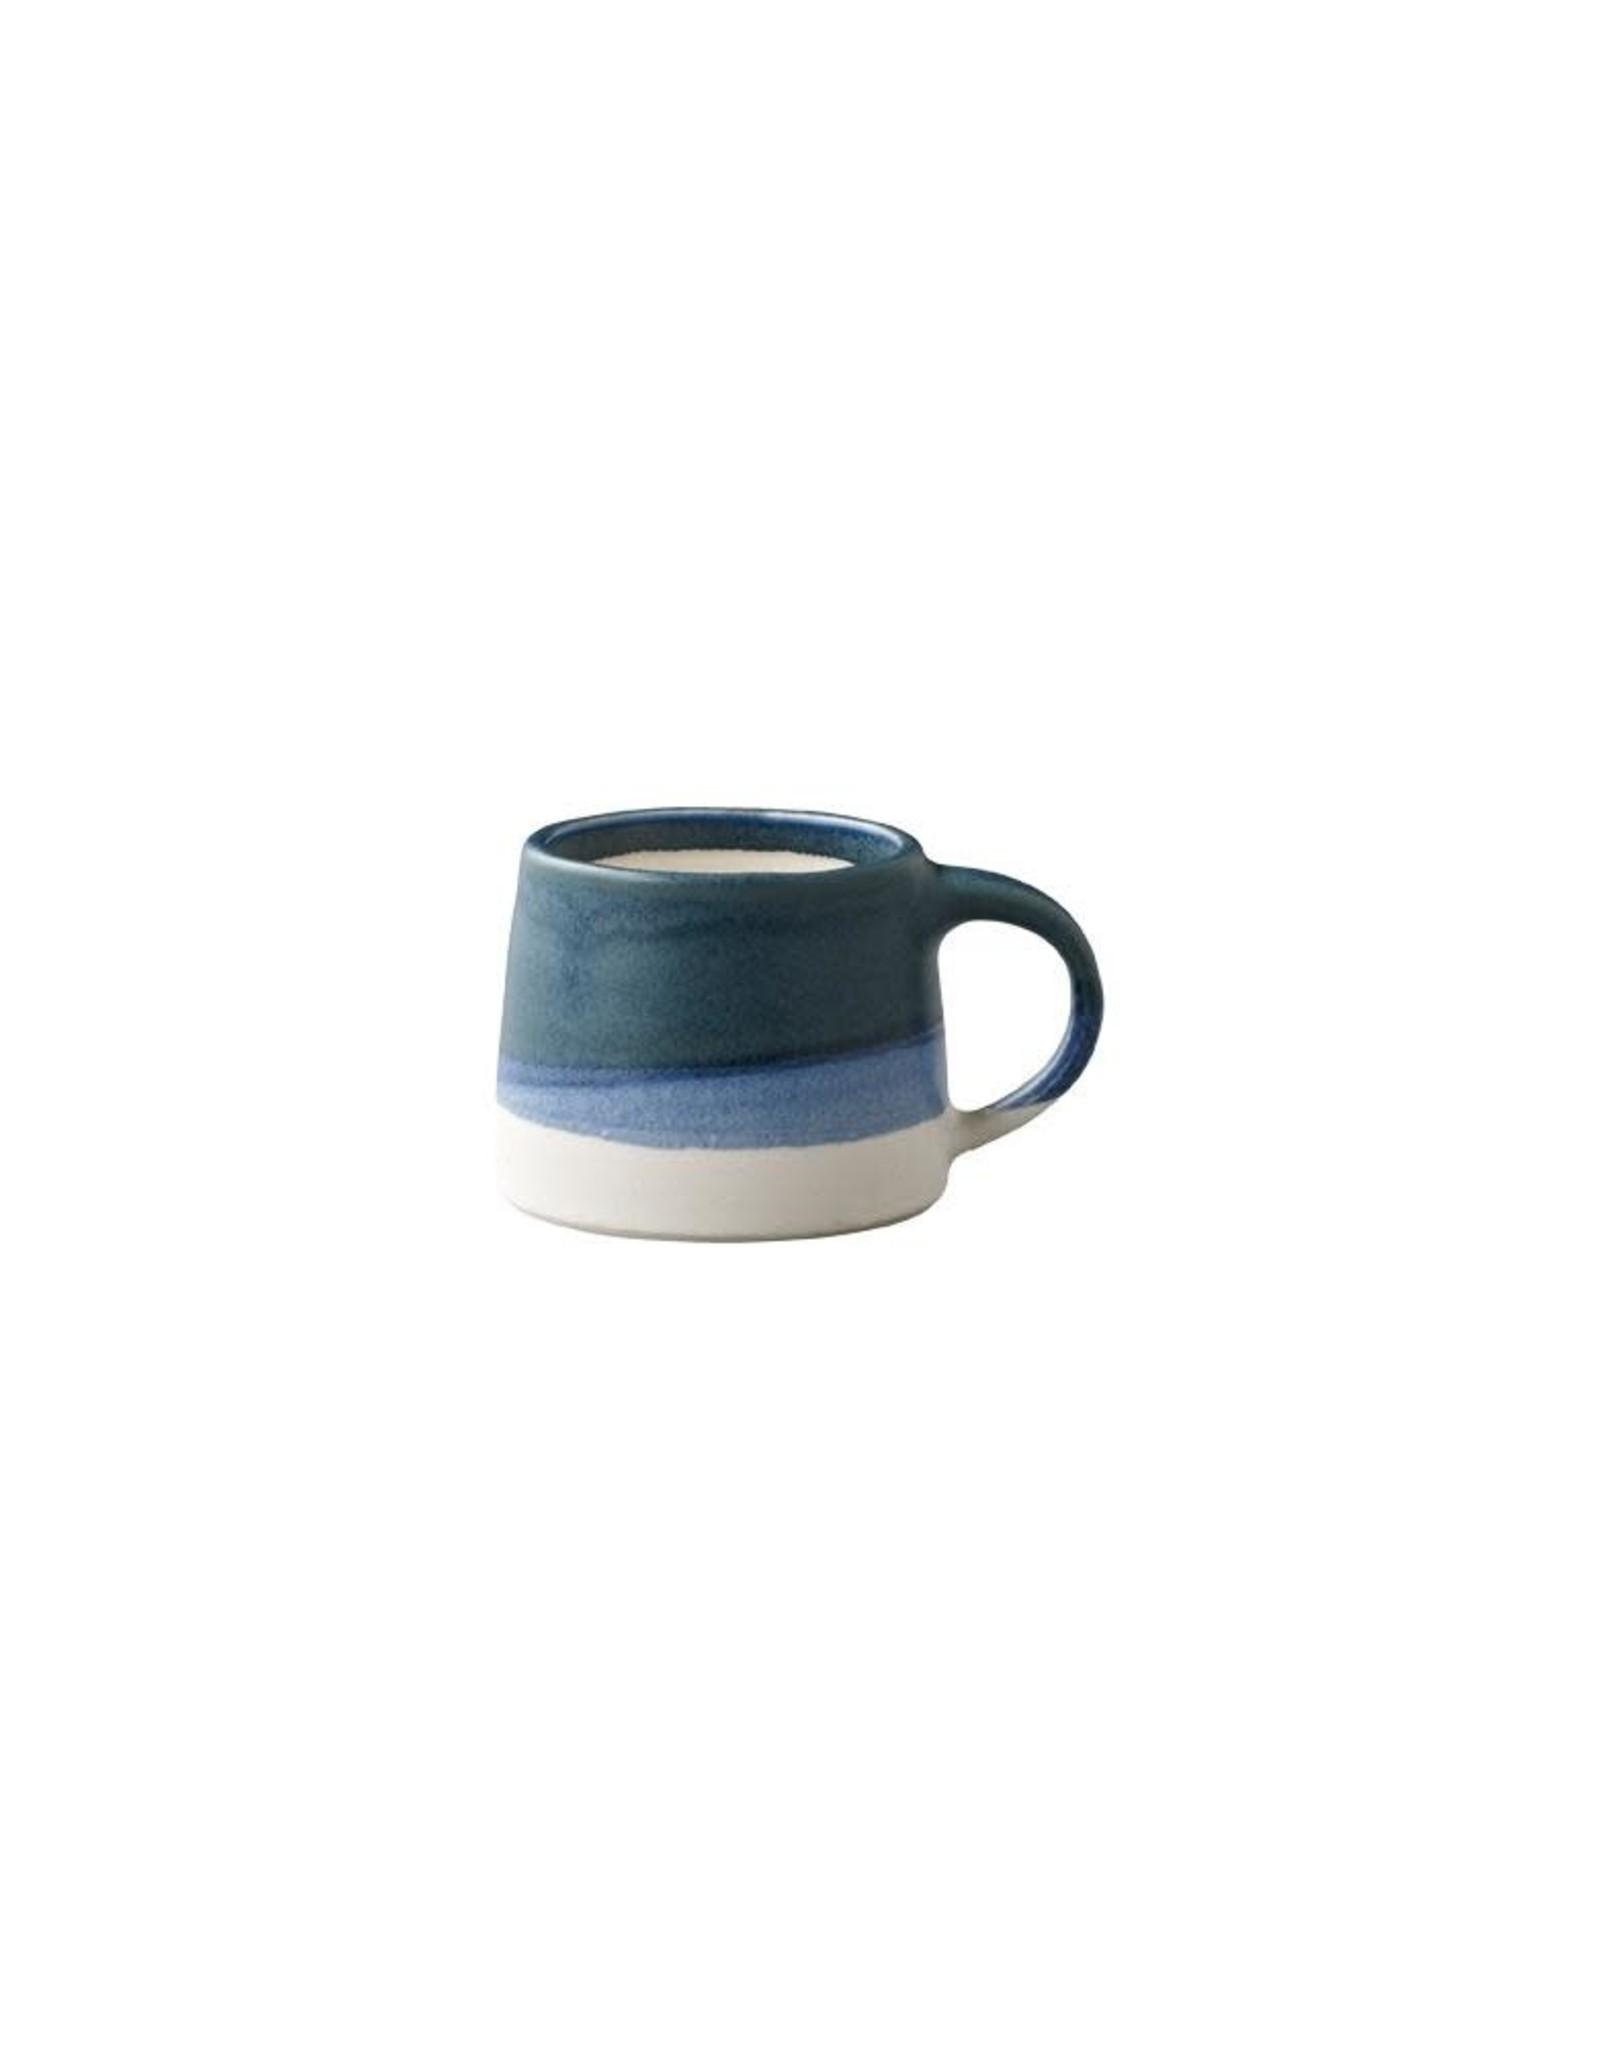 Kinto Slow Coffee Mug 110ml - Navy/White